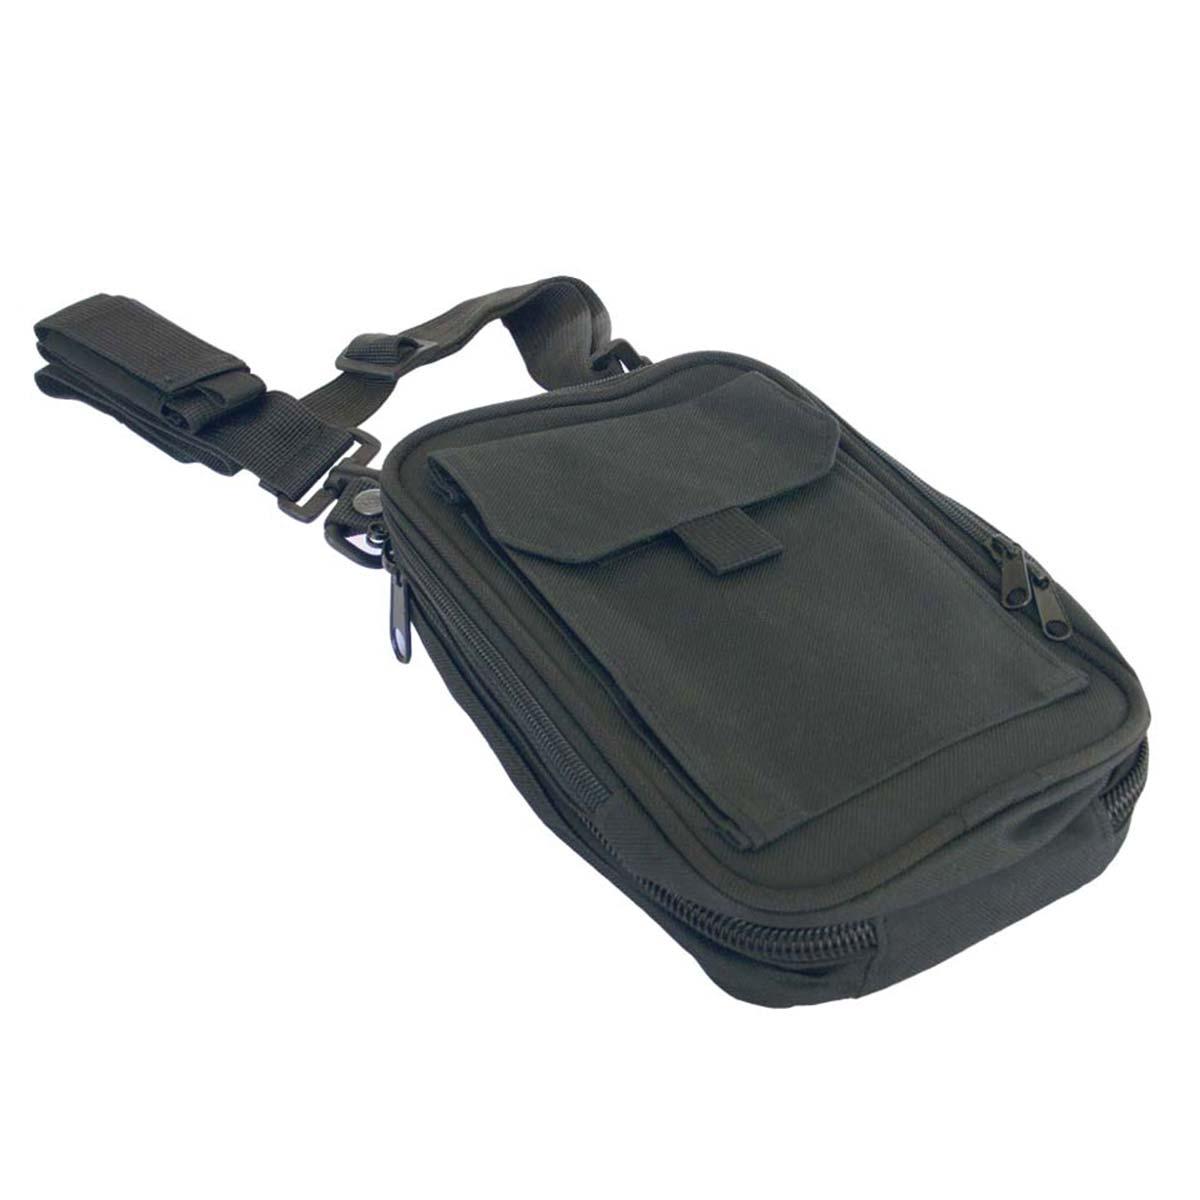 frontline-concealed-bag-2165-close